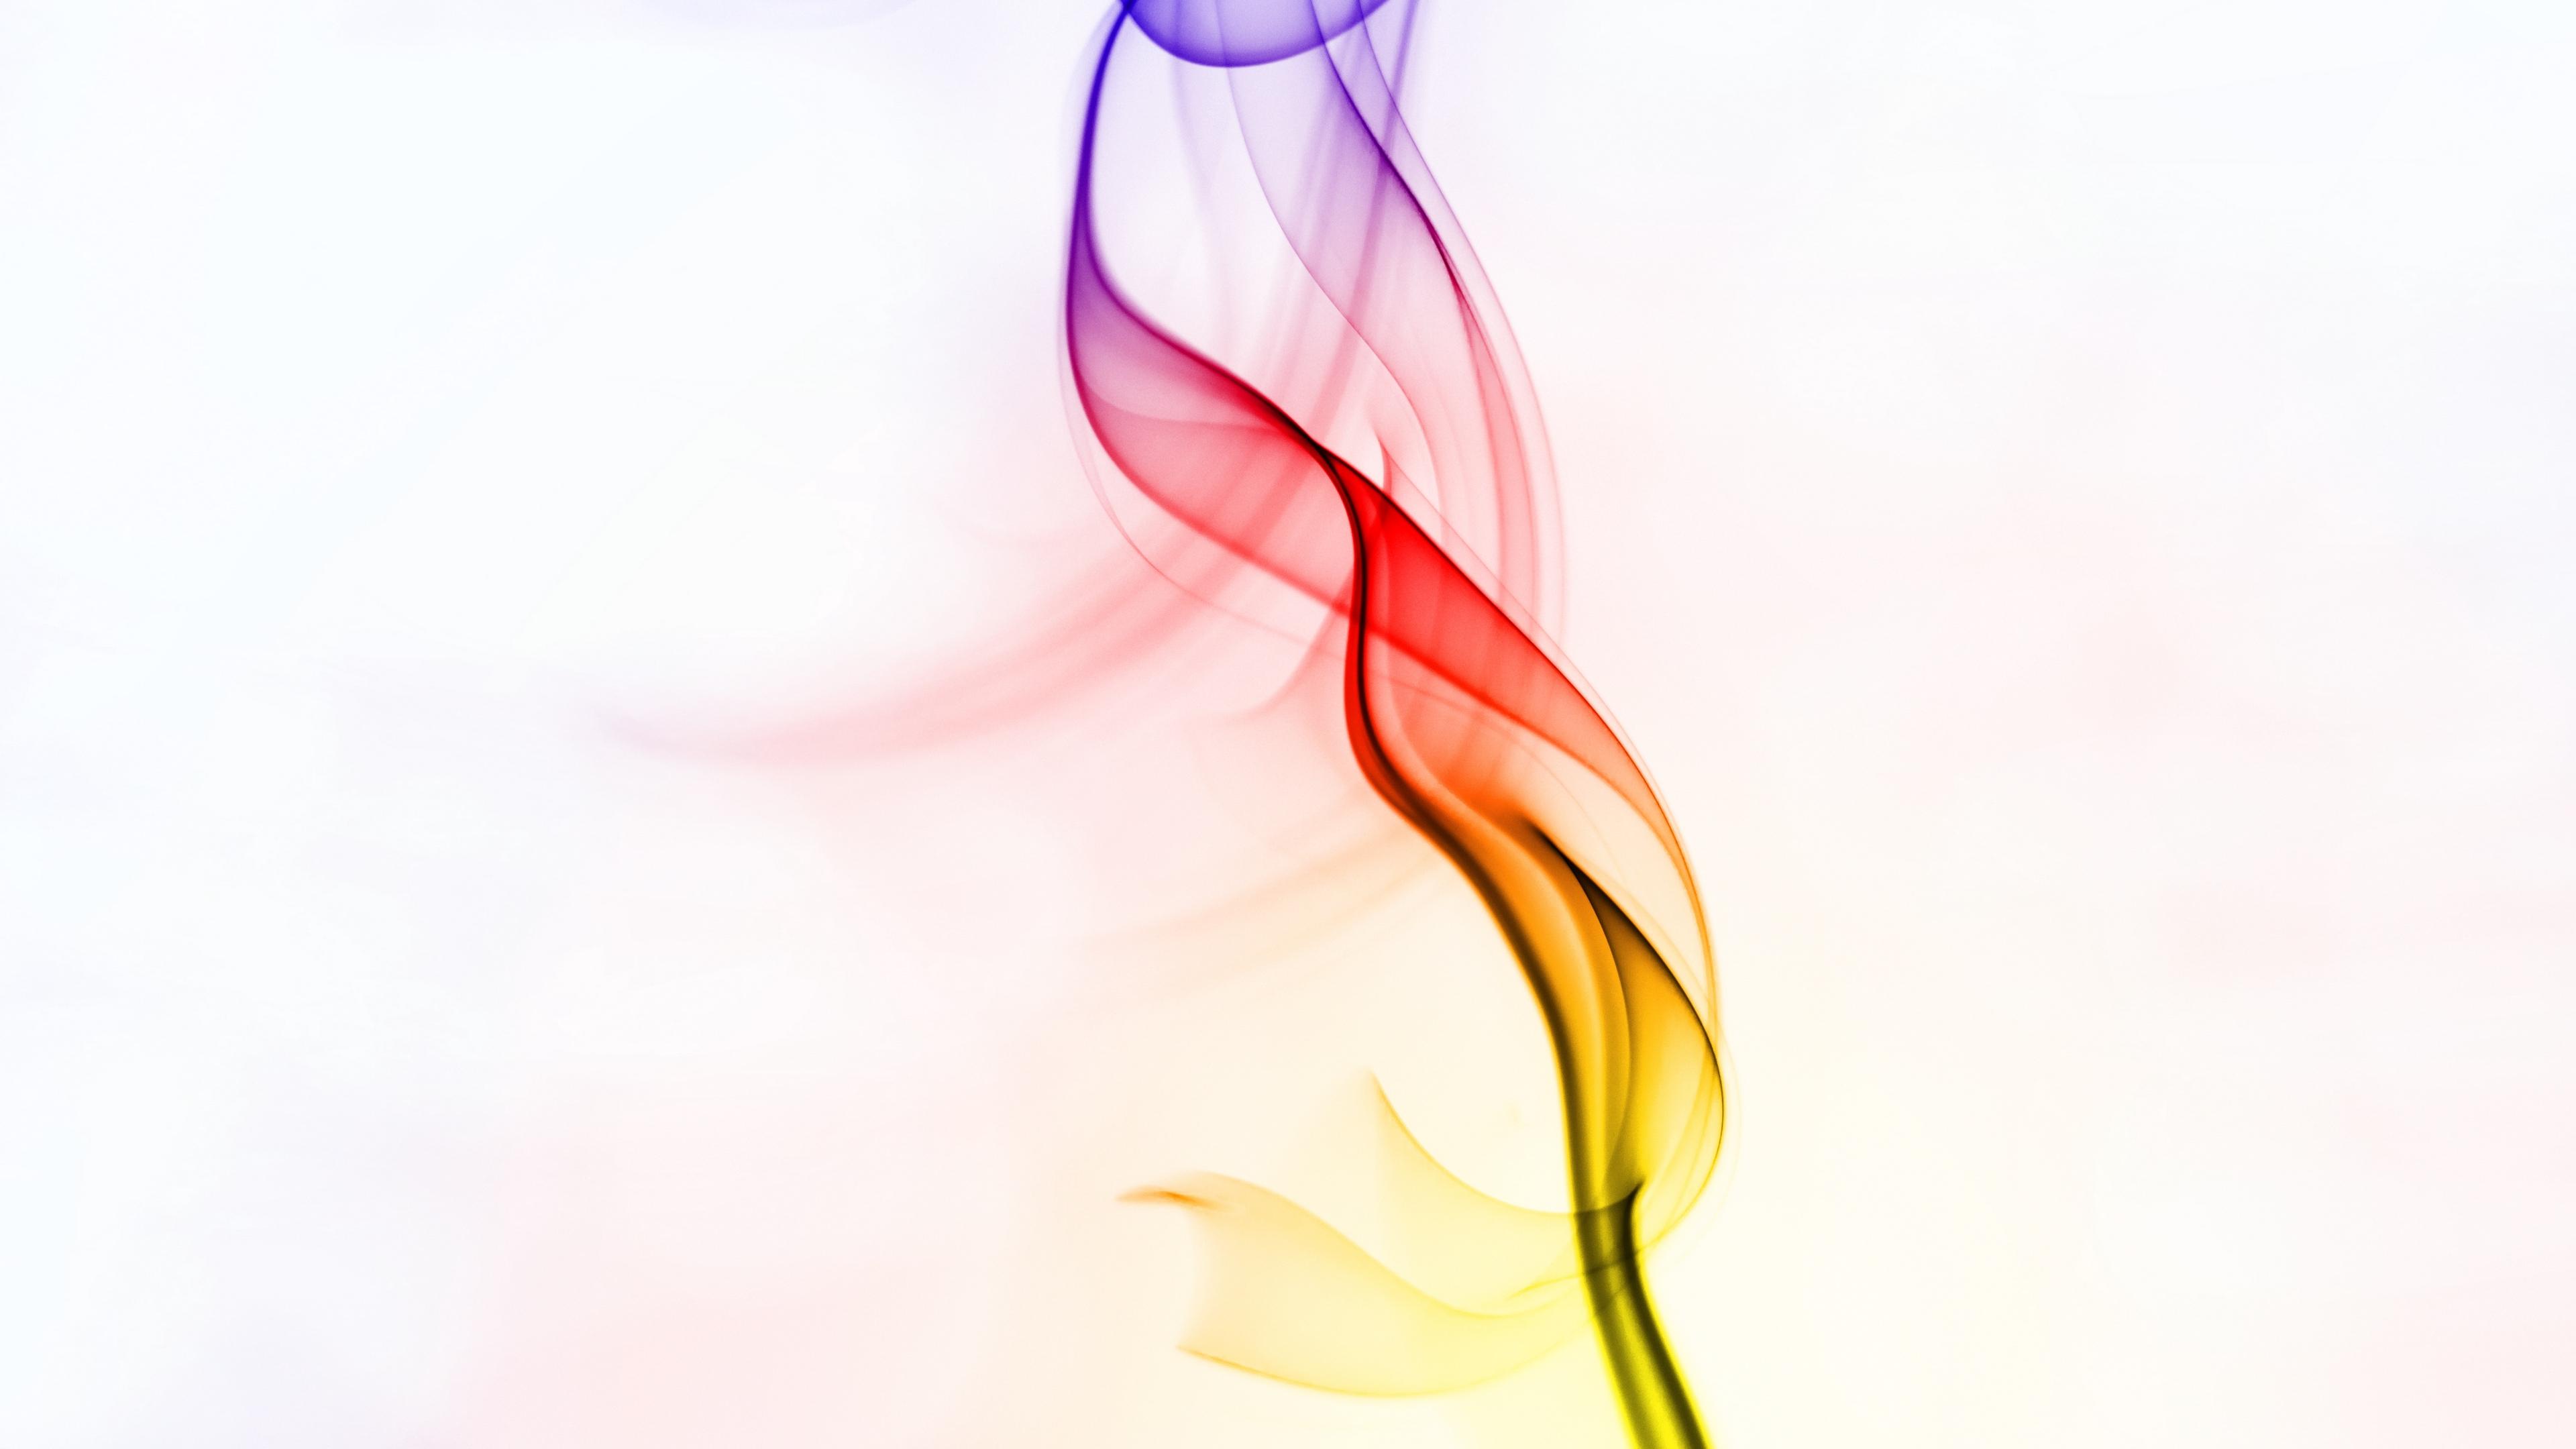 smoke shroud colorful bright 4k 1539370249 - smoke, shroud, colorful, bright 4k - Smoke, shroud, Colorful